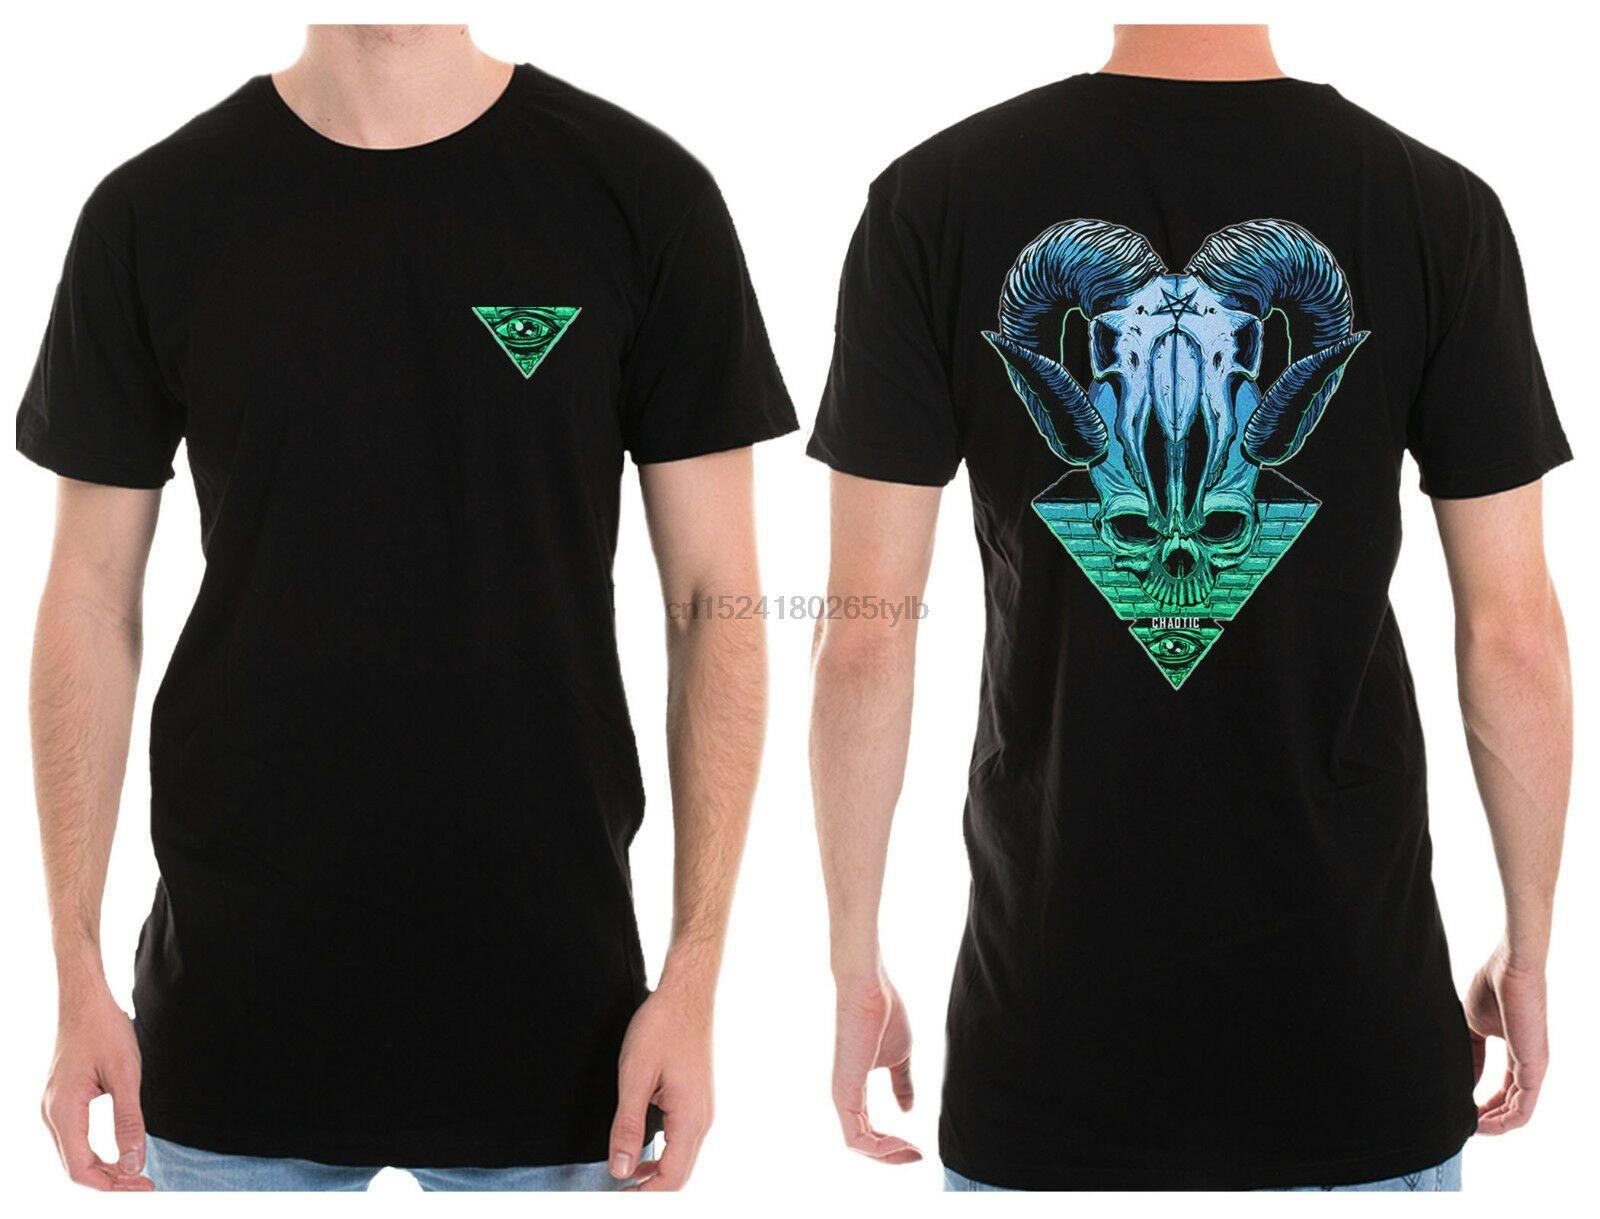 Chaotic Grand T T-shirt Longline Rain Man Illuminati tatouage de crâne Rave Mode